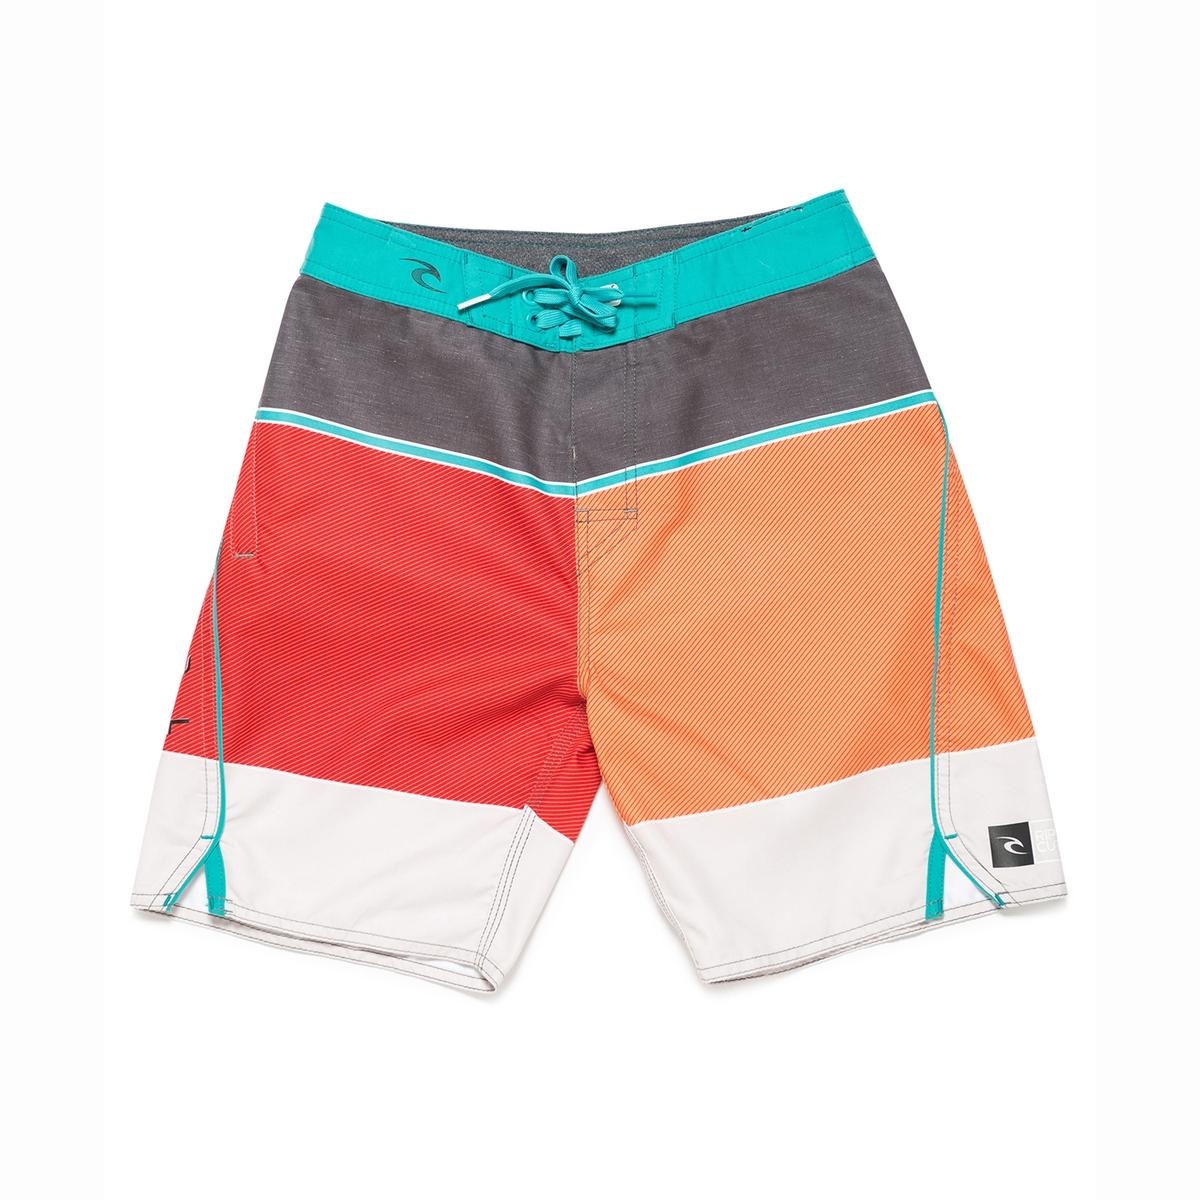 Шорты пляжные в разноцветную полоску 8-16 лет лифы rip curl купальник baleare bandeau